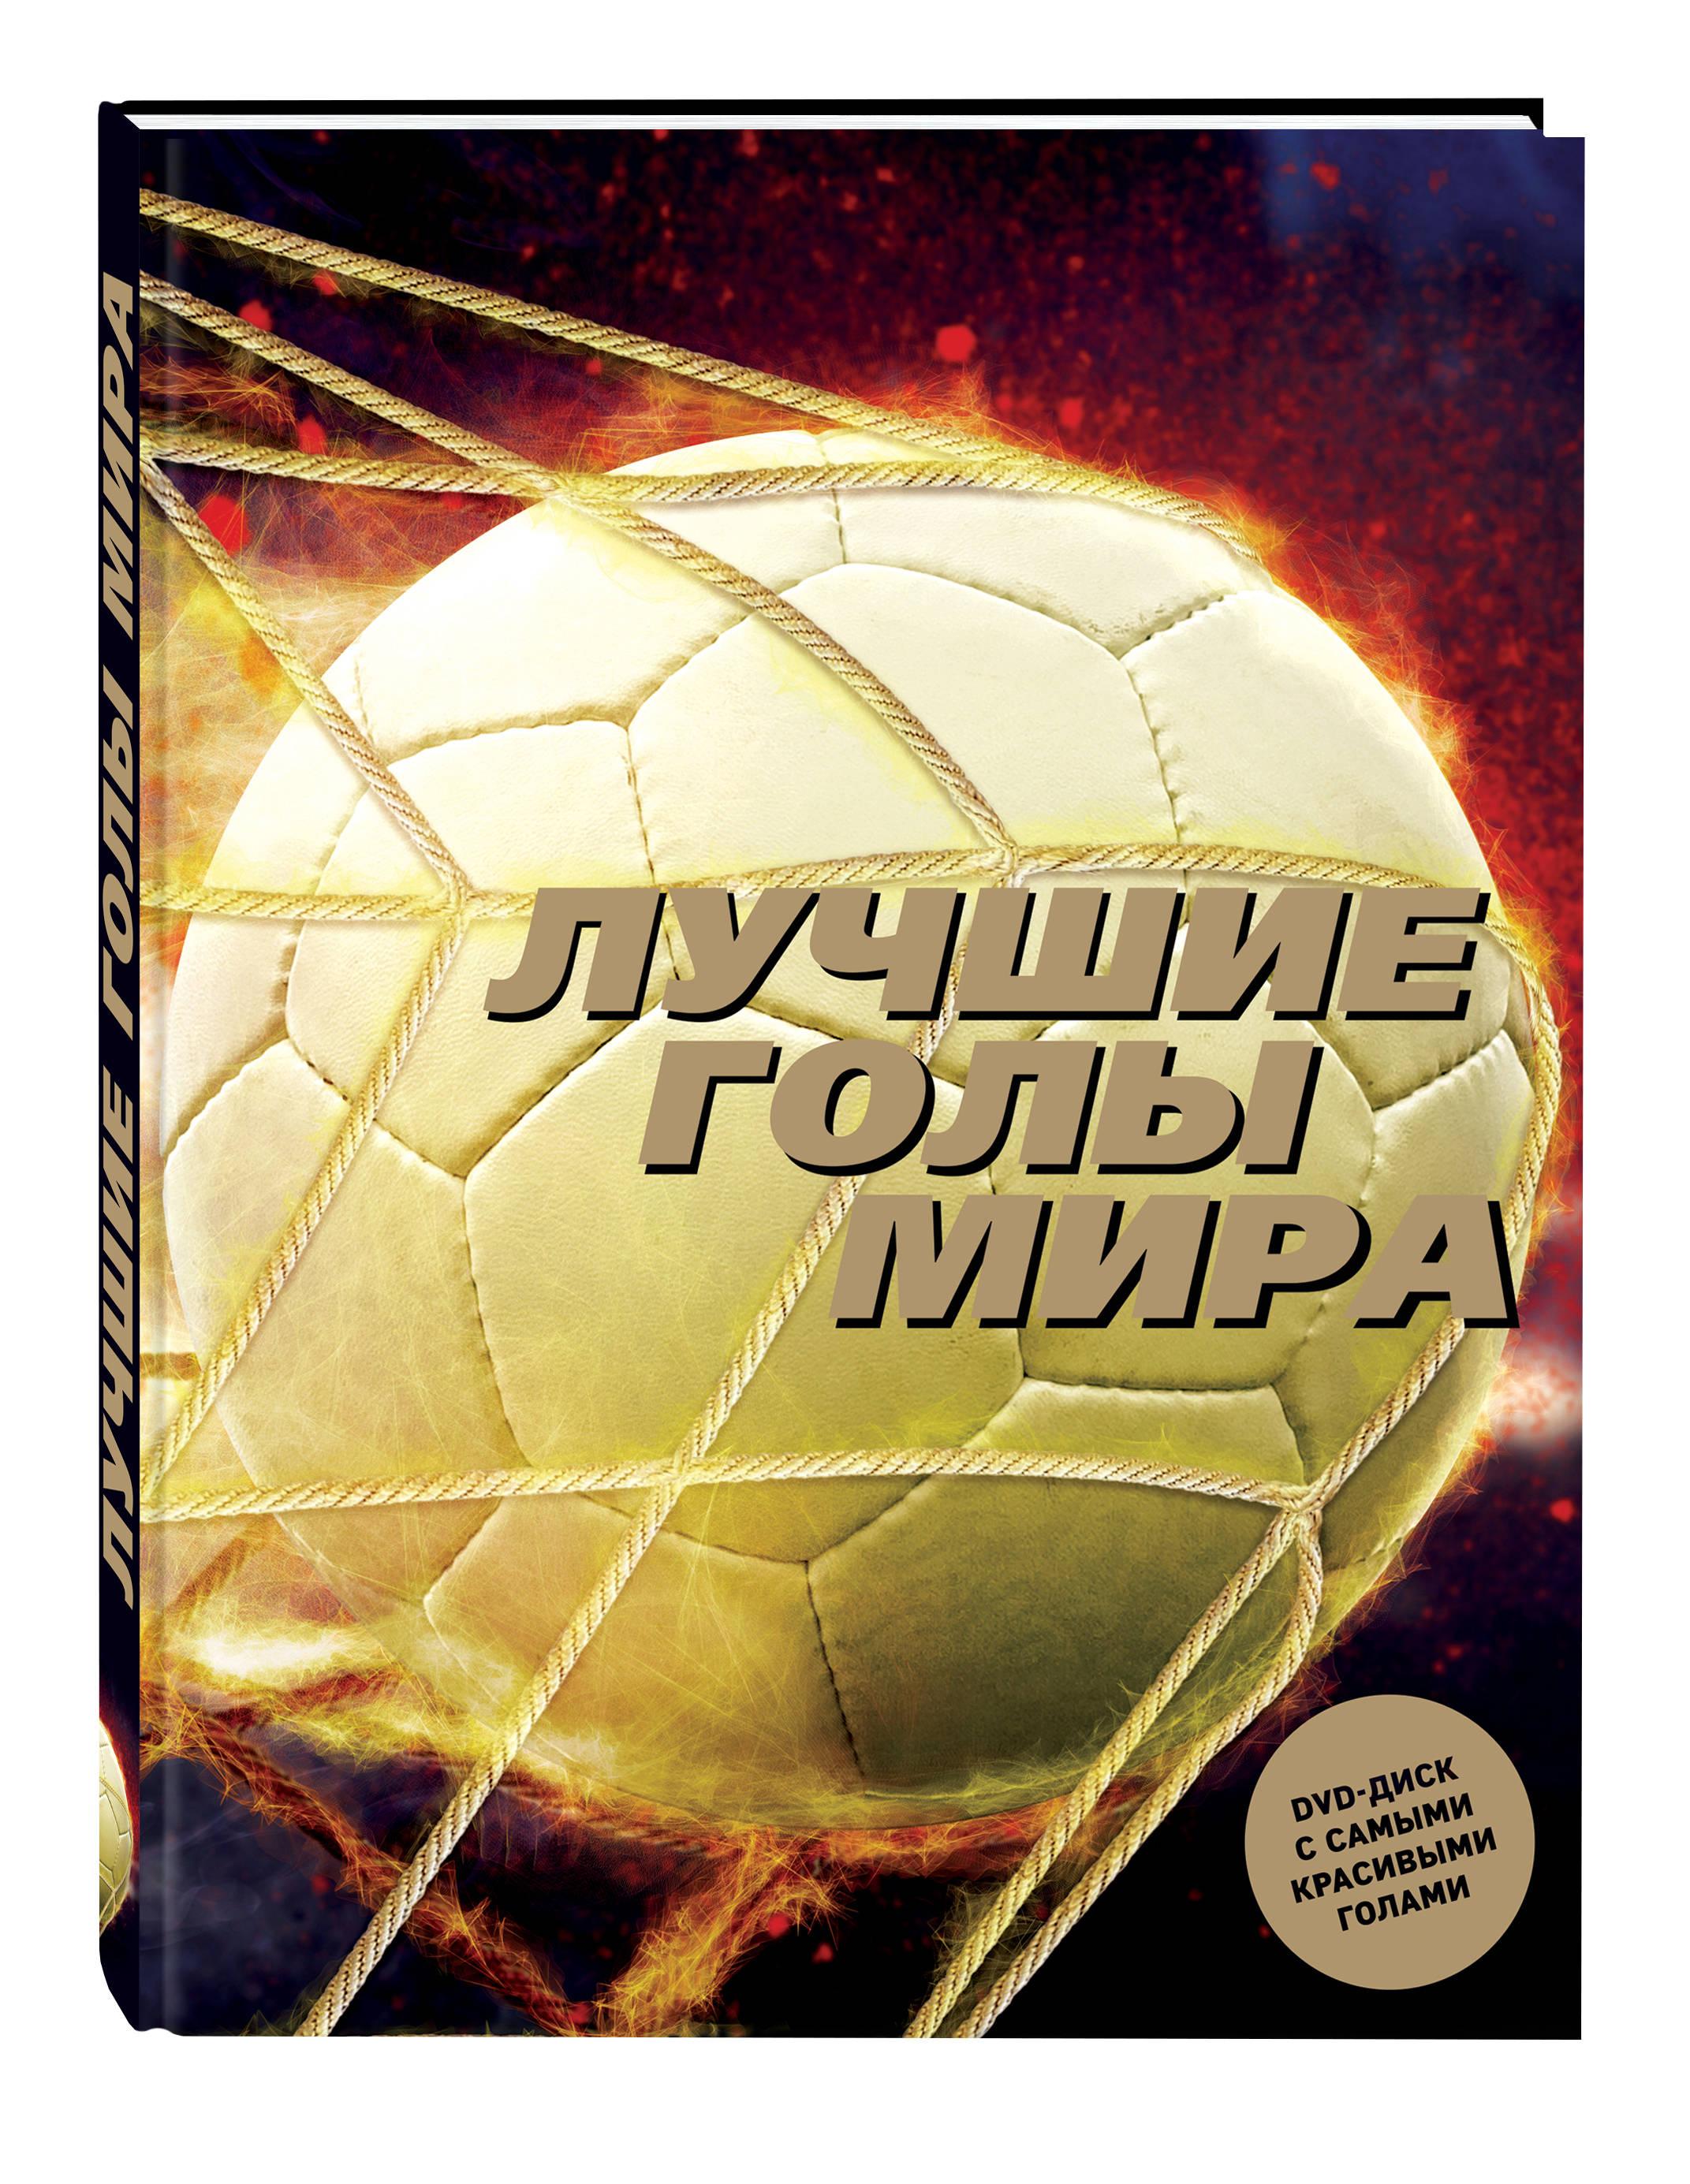 Матье Лемо, Баптист Лемо Лучшие голы мира + DVD-диск